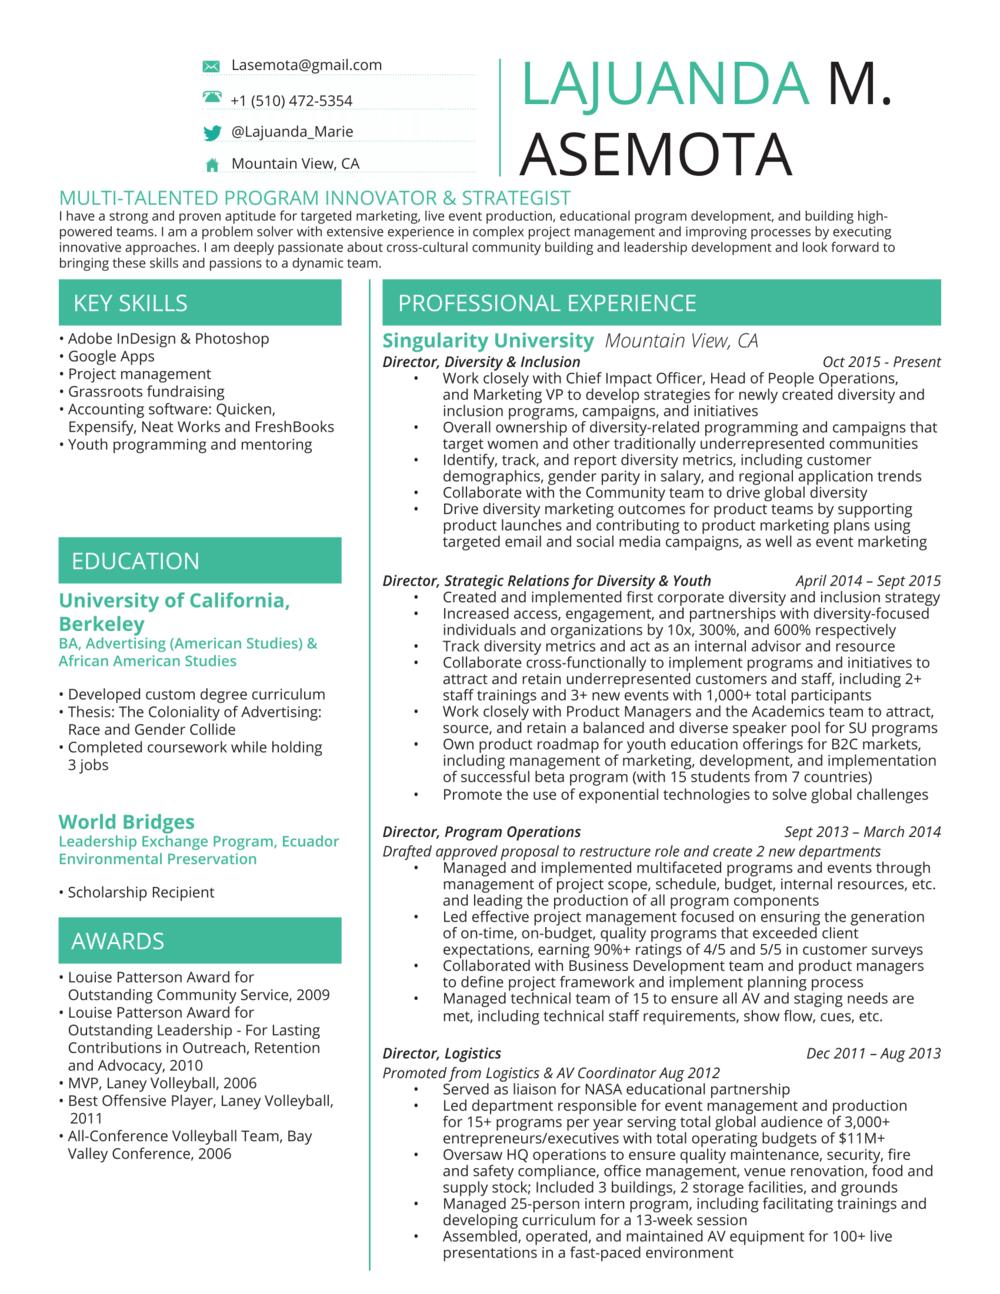 Lajuanda M. Asemota Resume - June 2016